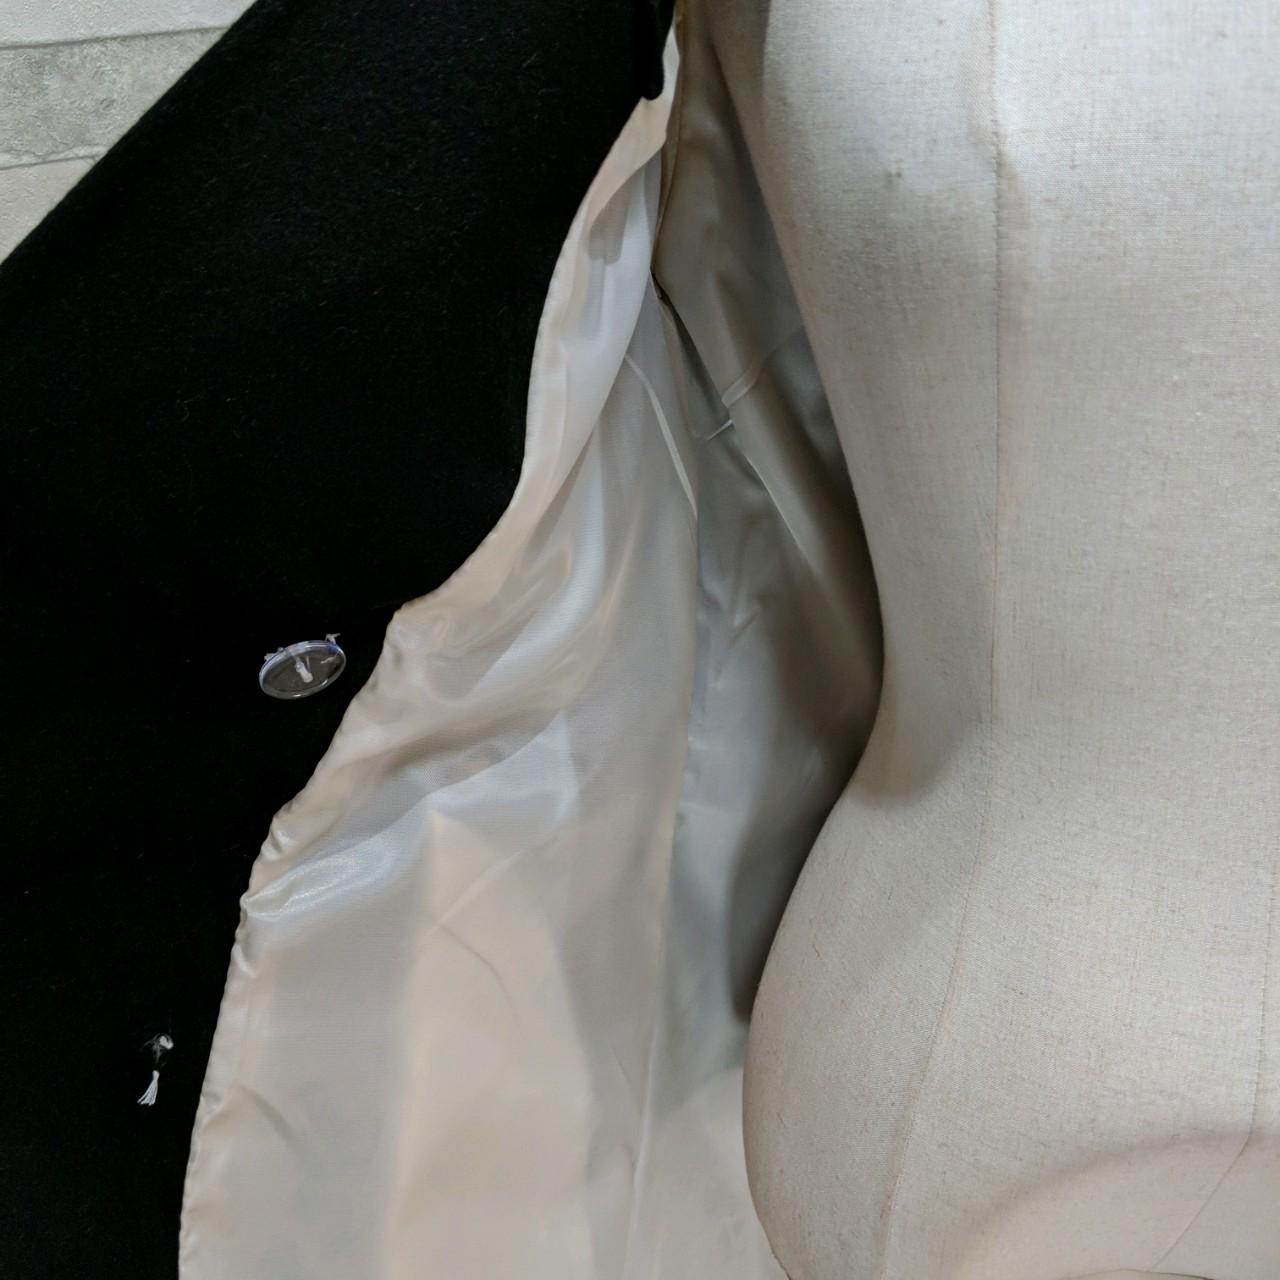 【即納】韓国 ファッション アウター コート 秋 冬 パーティー ブライダル SPTXG918  ミリタリー調 バイカラー アシンメトリー 二次会 セレブ きれいめの写真18枚目